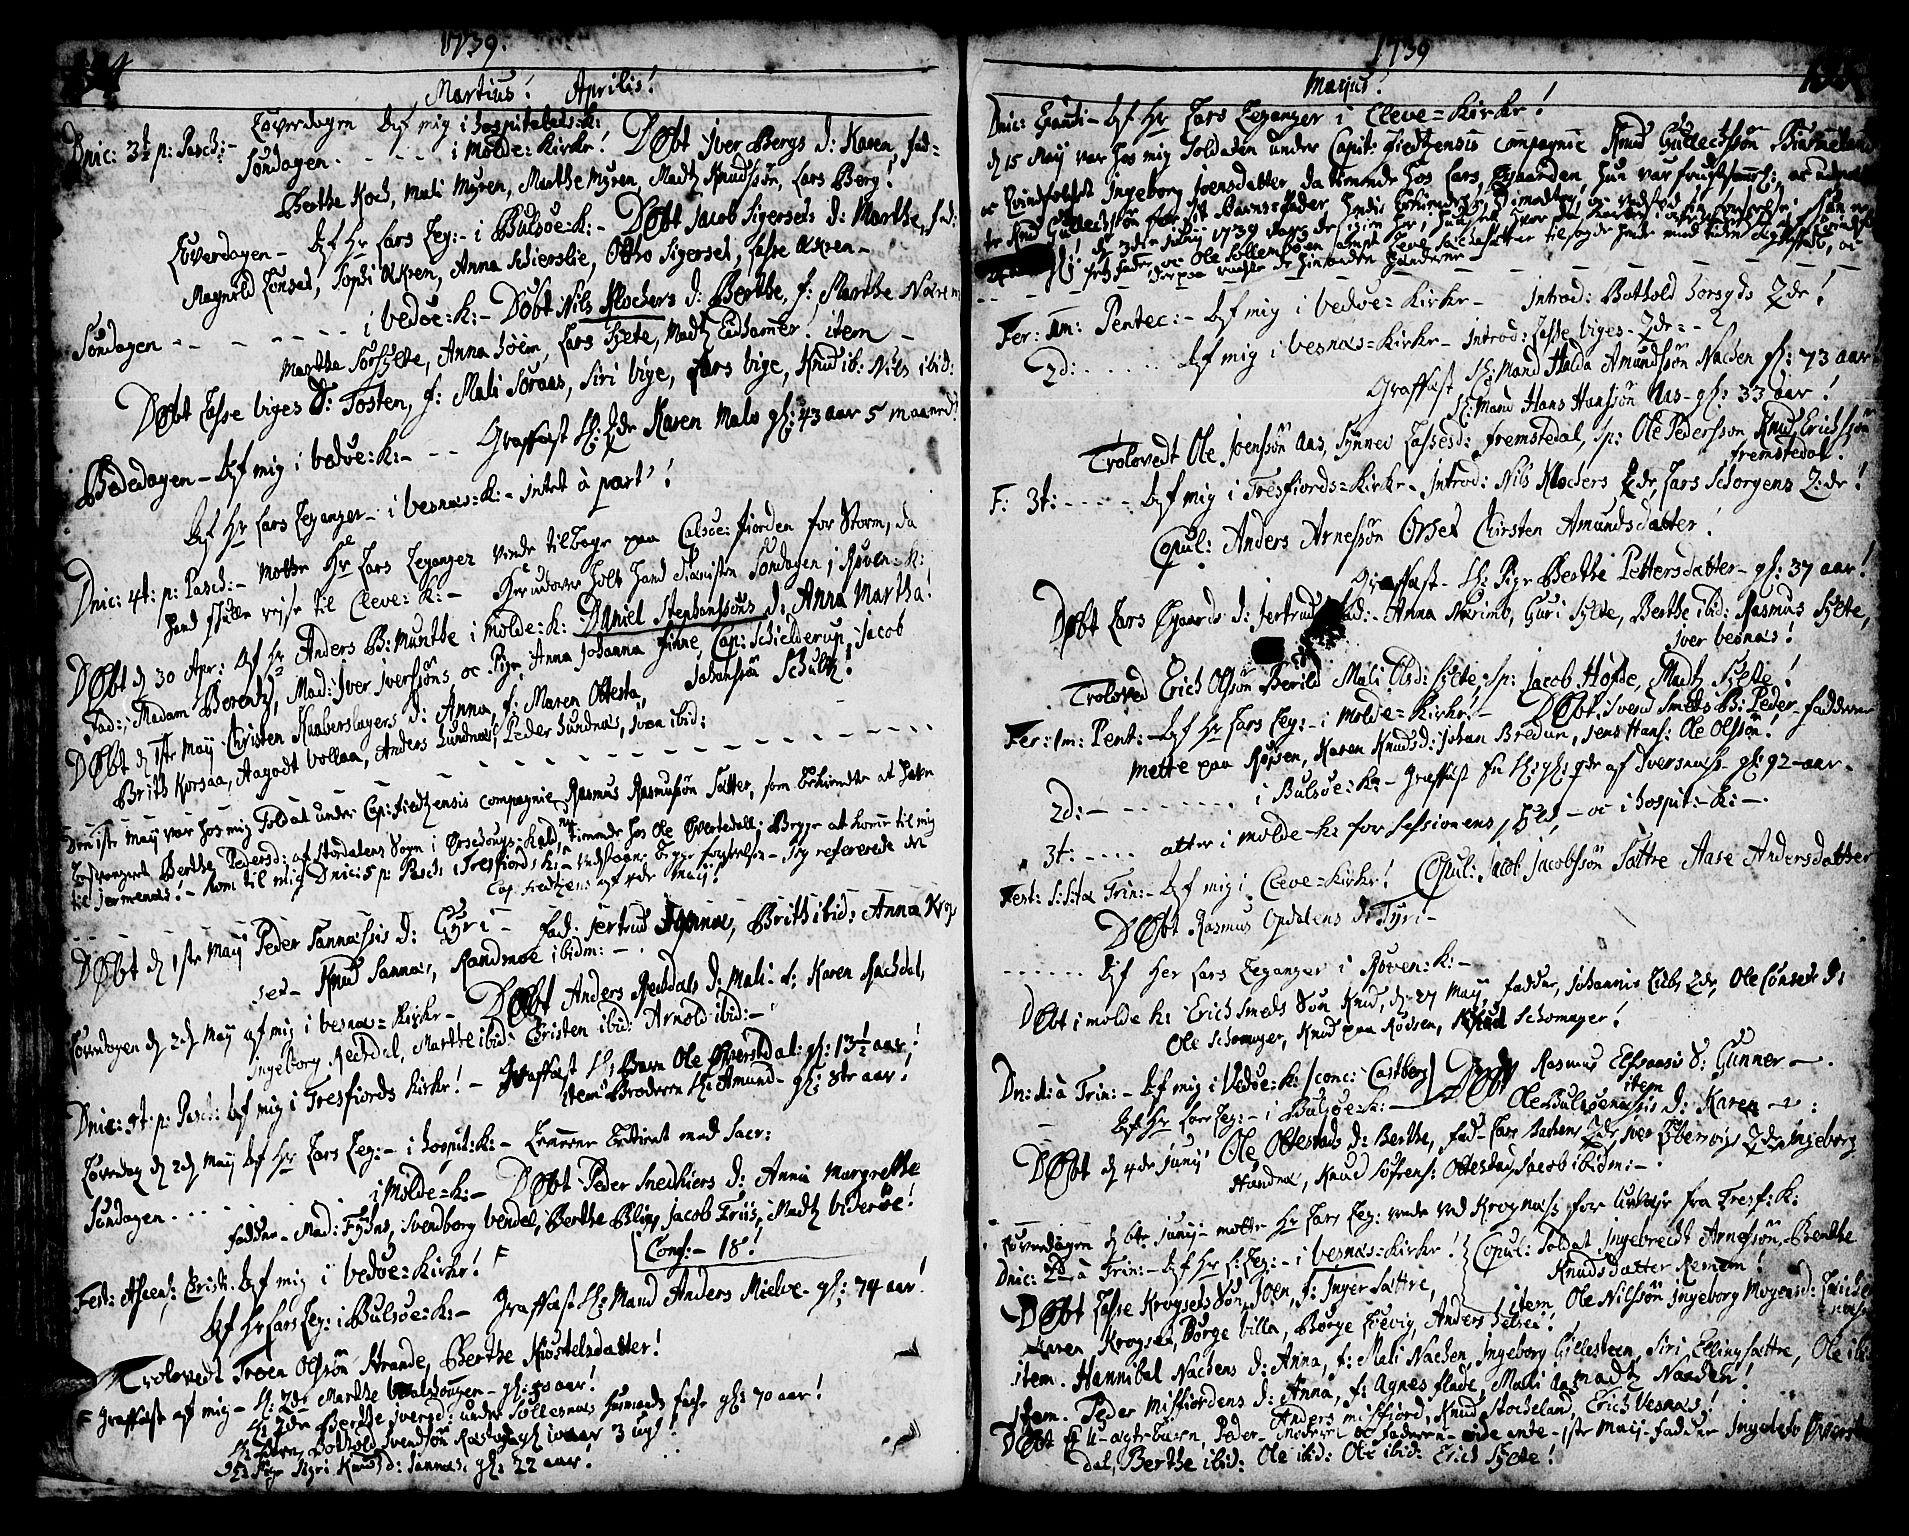 SAT, Ministerialprotokoller, klokkerbøker og fødselsregistre - Møre og Romsdal, 547/L0599: Ministerialbok nr. 547A01, 1721-1764, s. 196-197